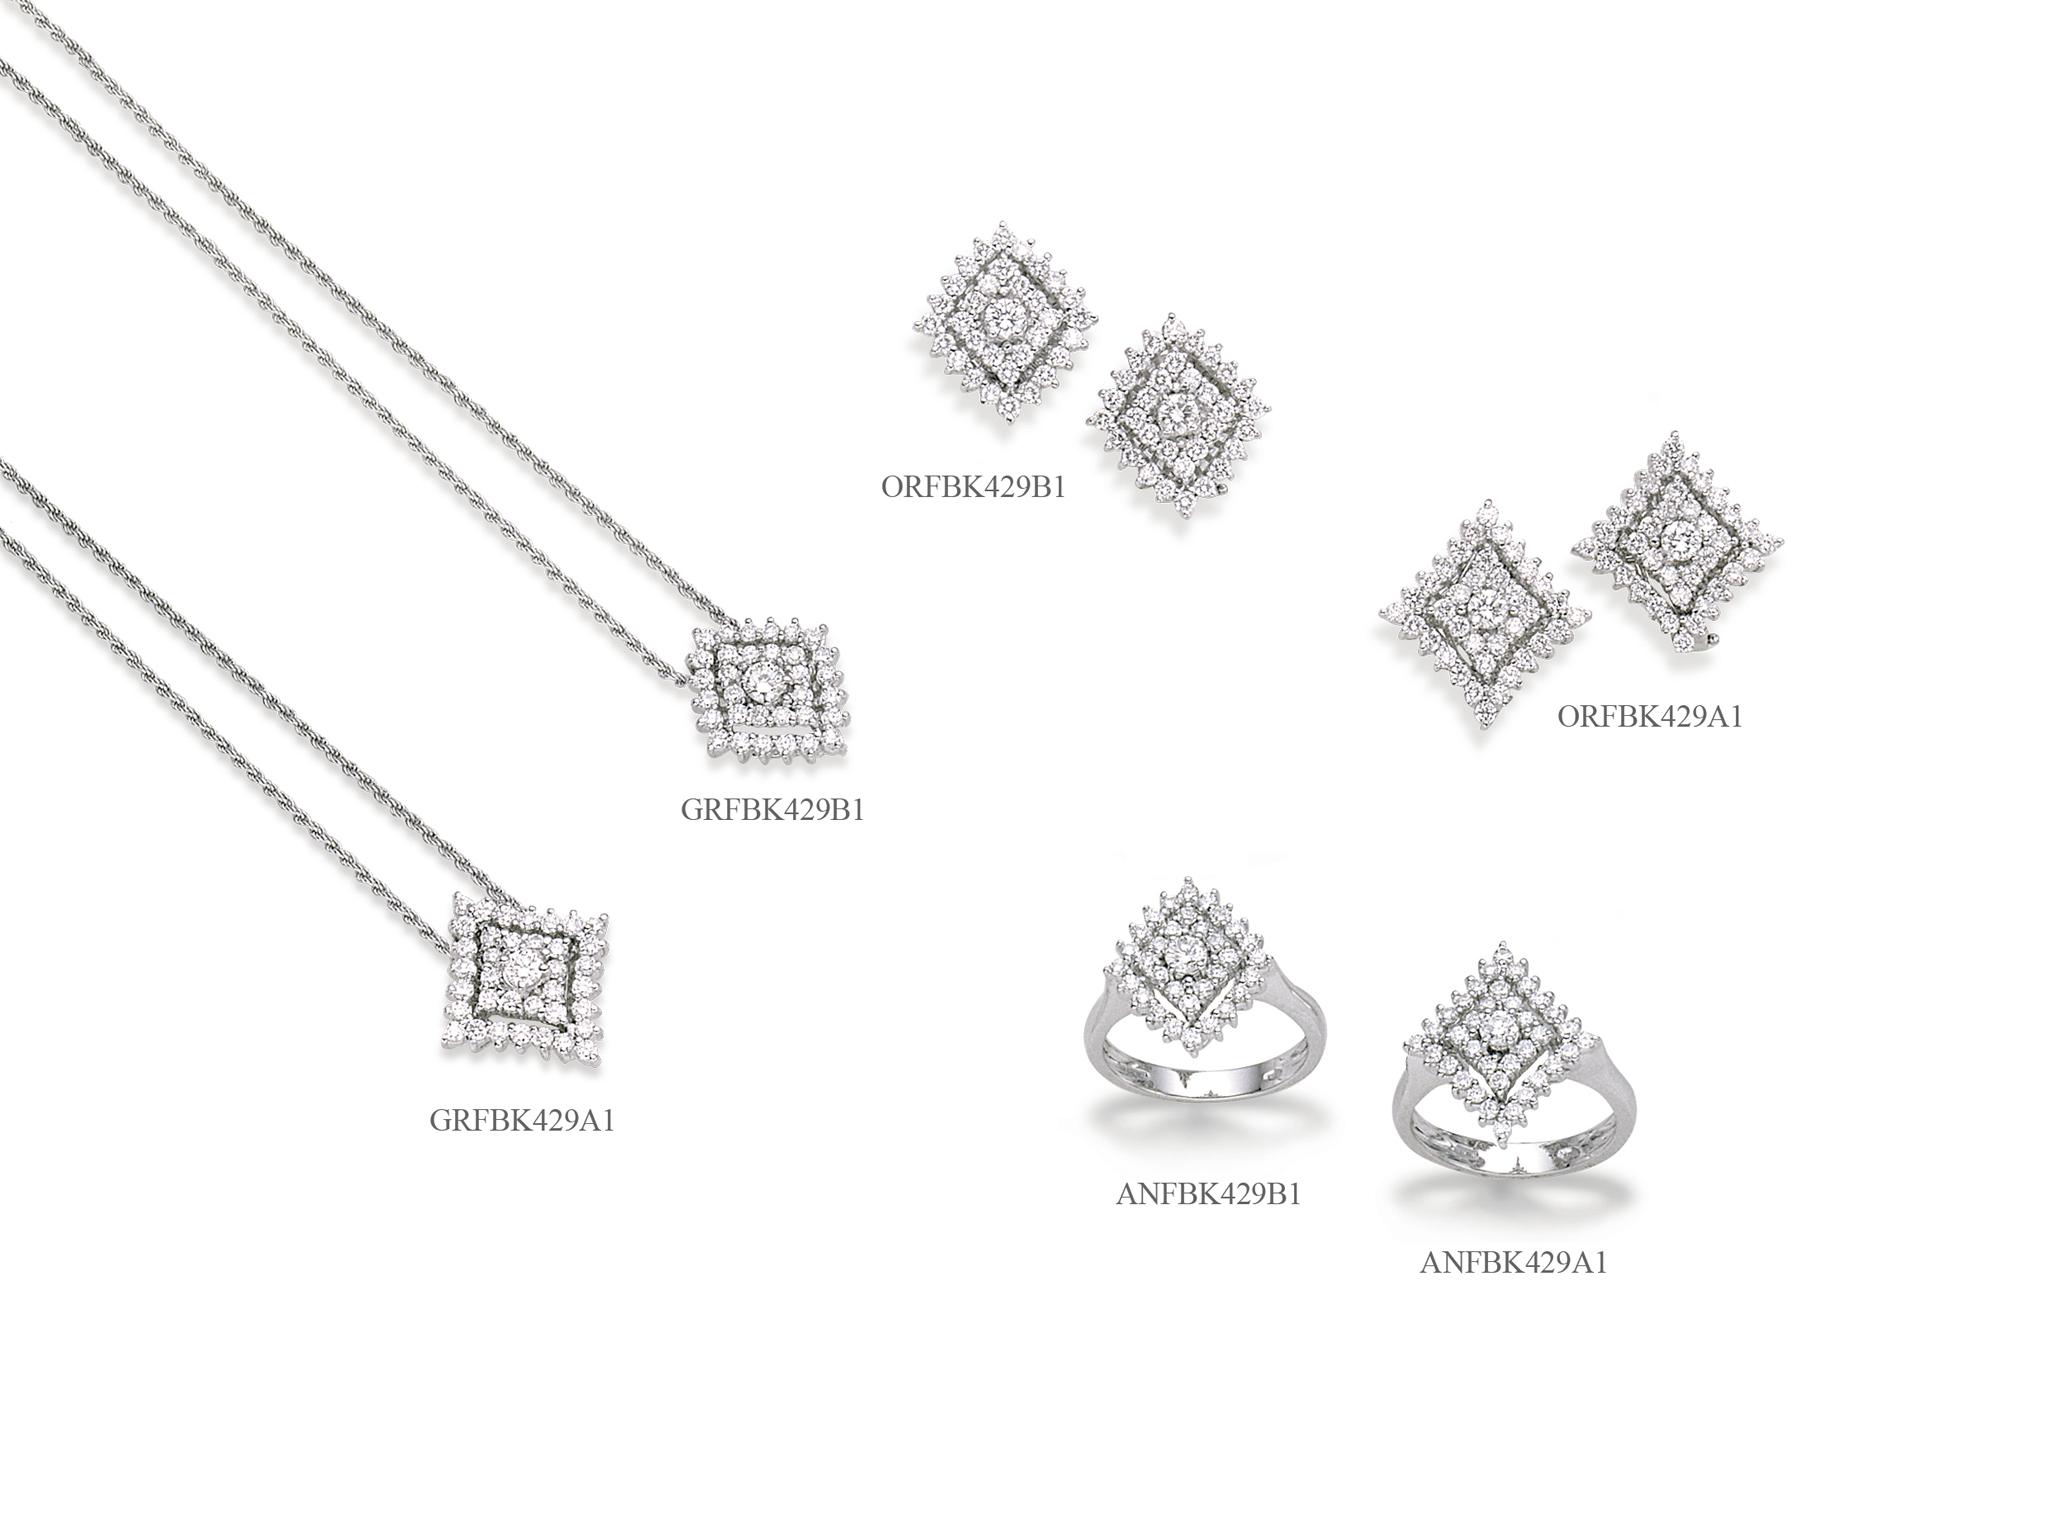 diamanti_pagina_5_app